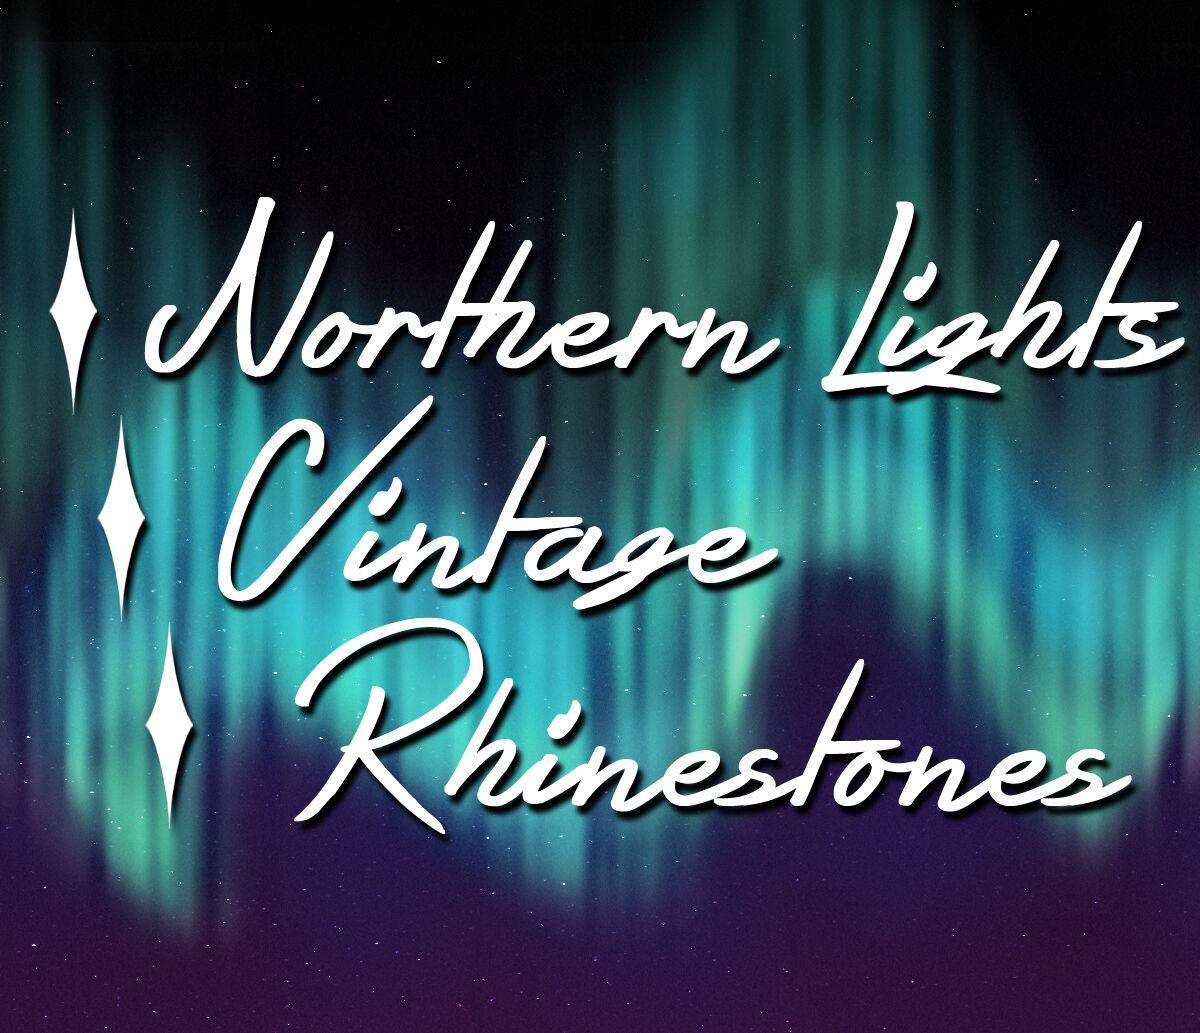 Northern Lights Vintage Rhinestones